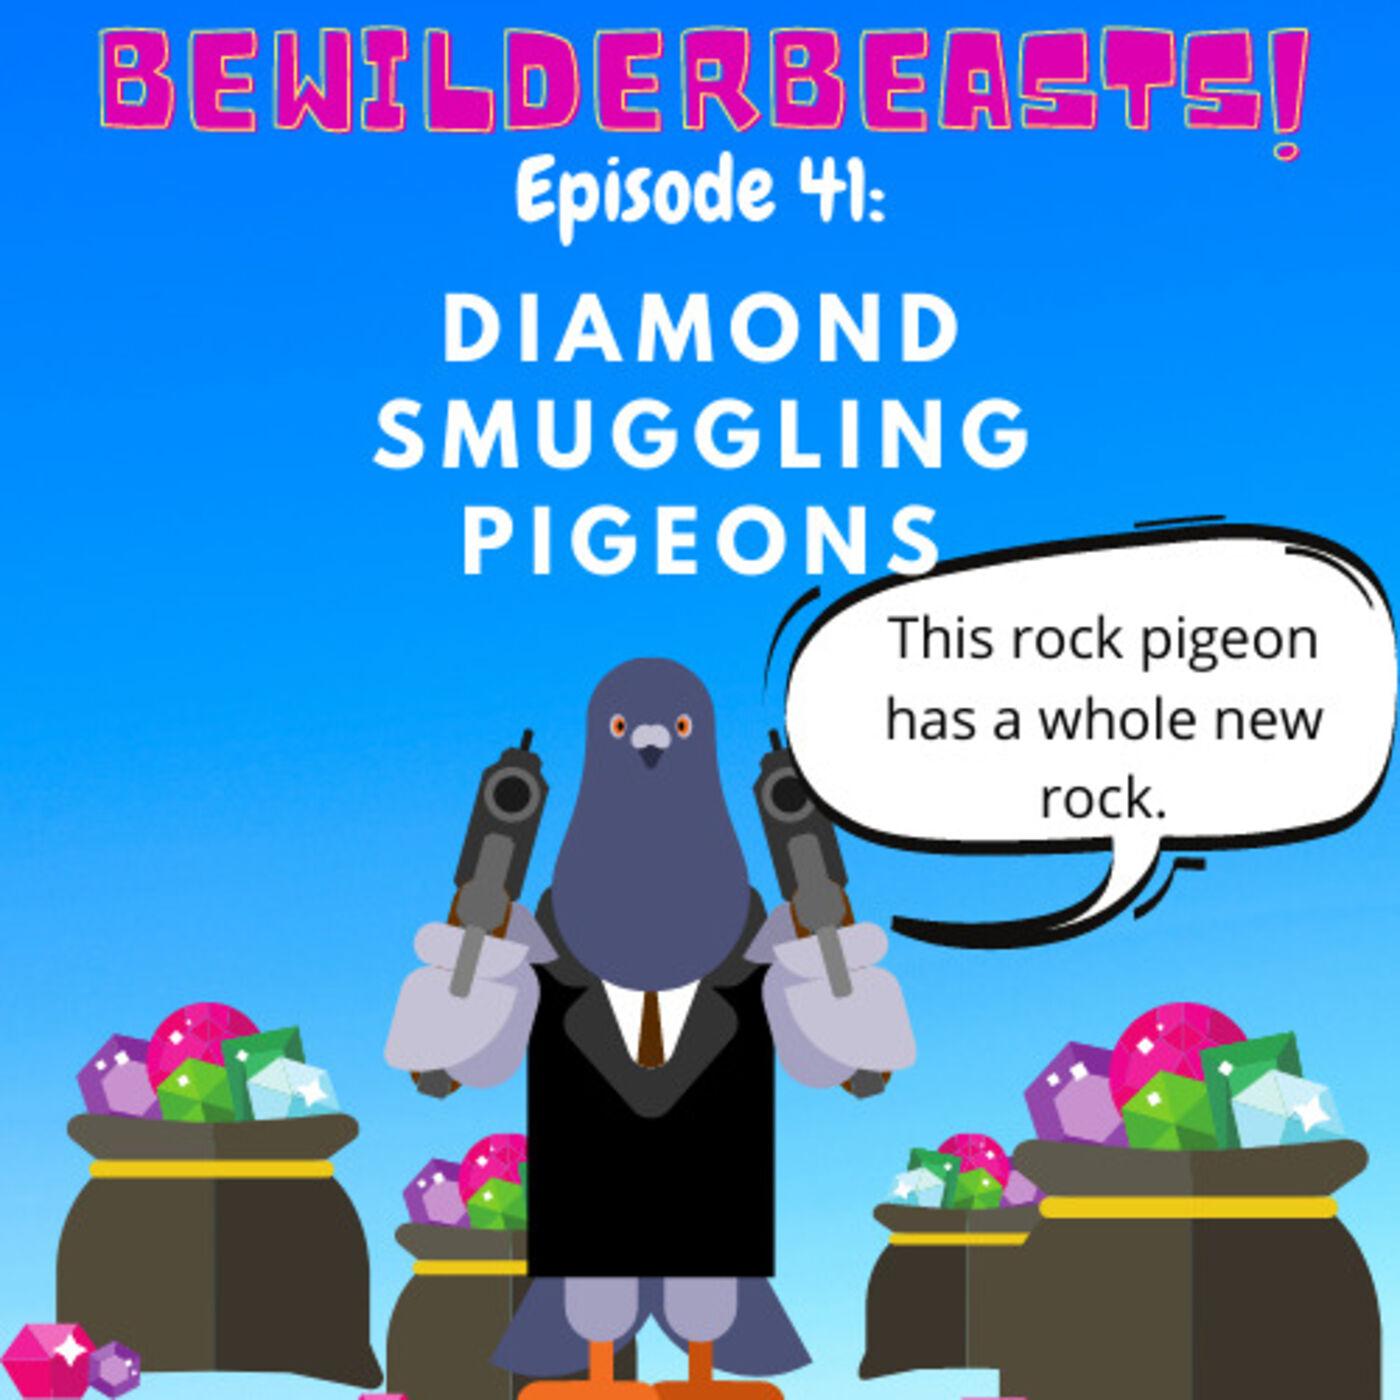 Ep 41: Diamond Smuggling Pigeons